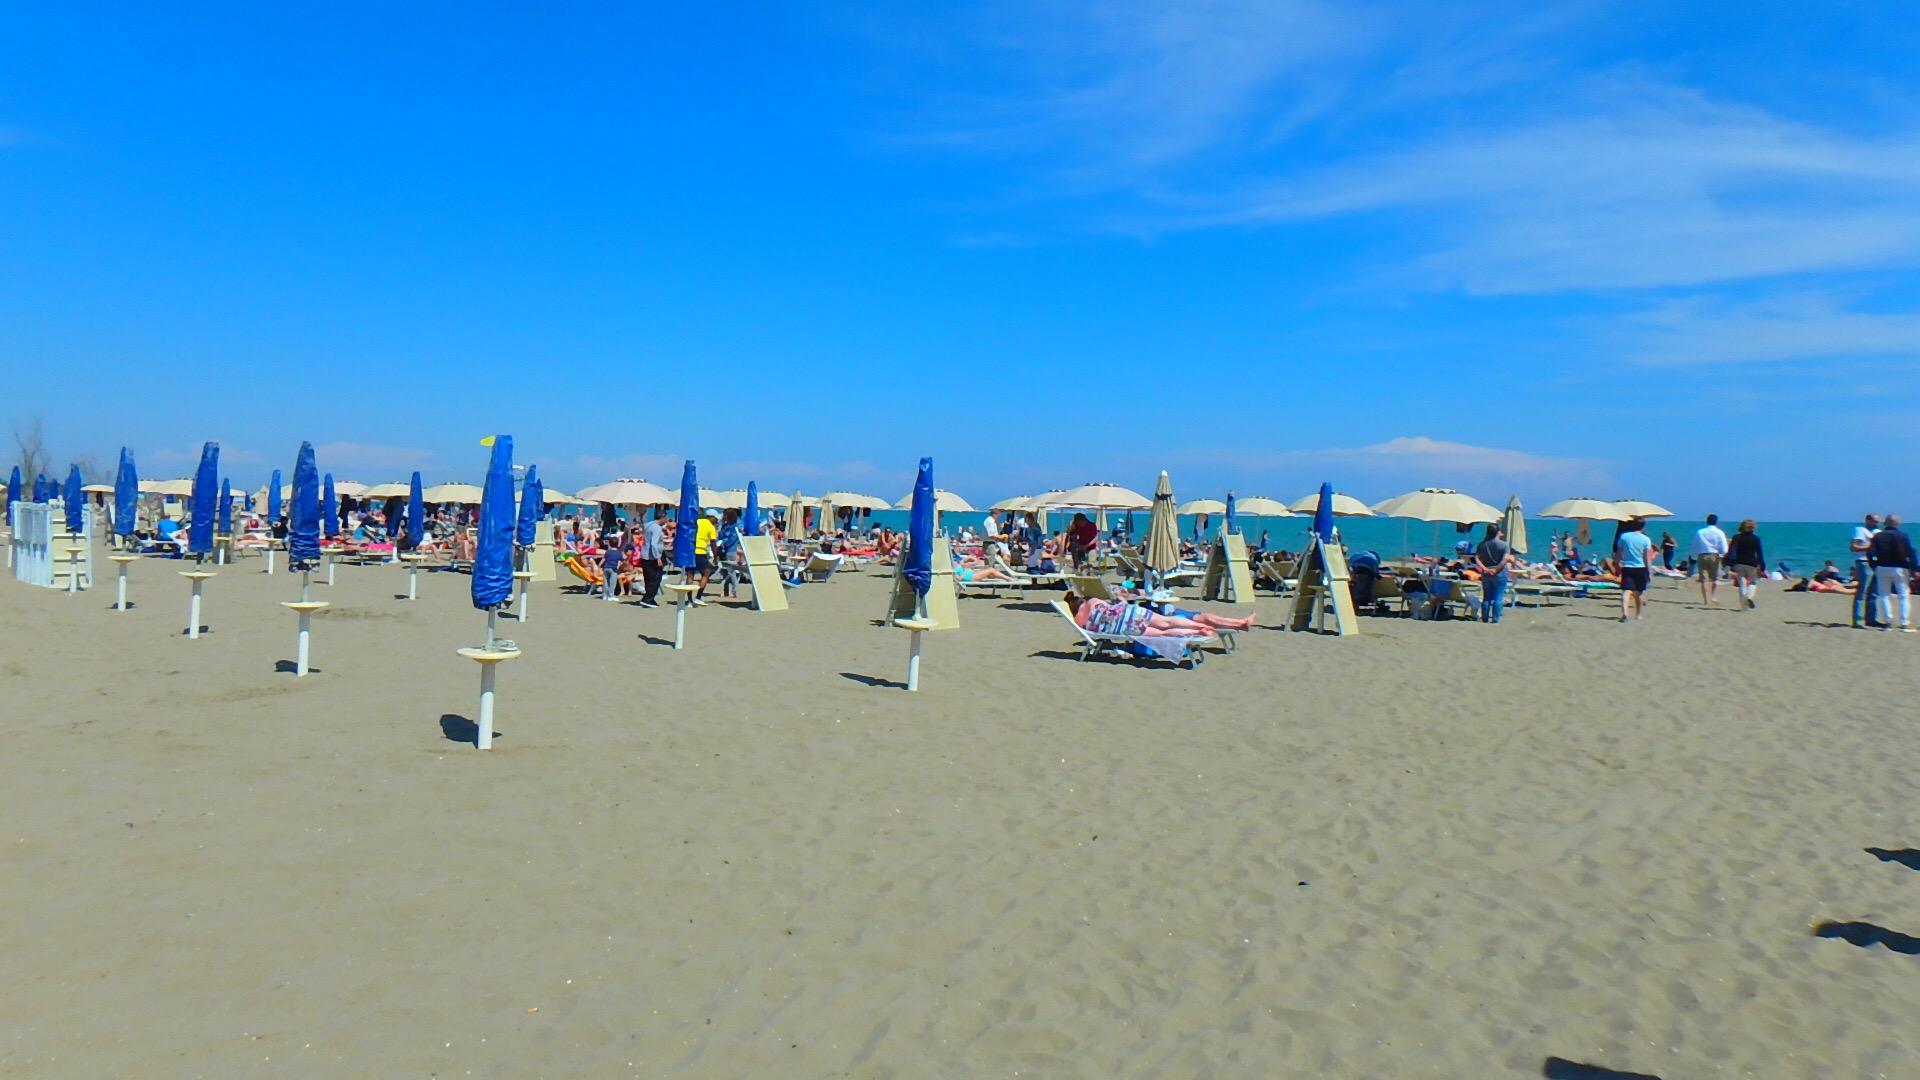 ベネチアの離島リド島にはビーチがあり海水浴ができる